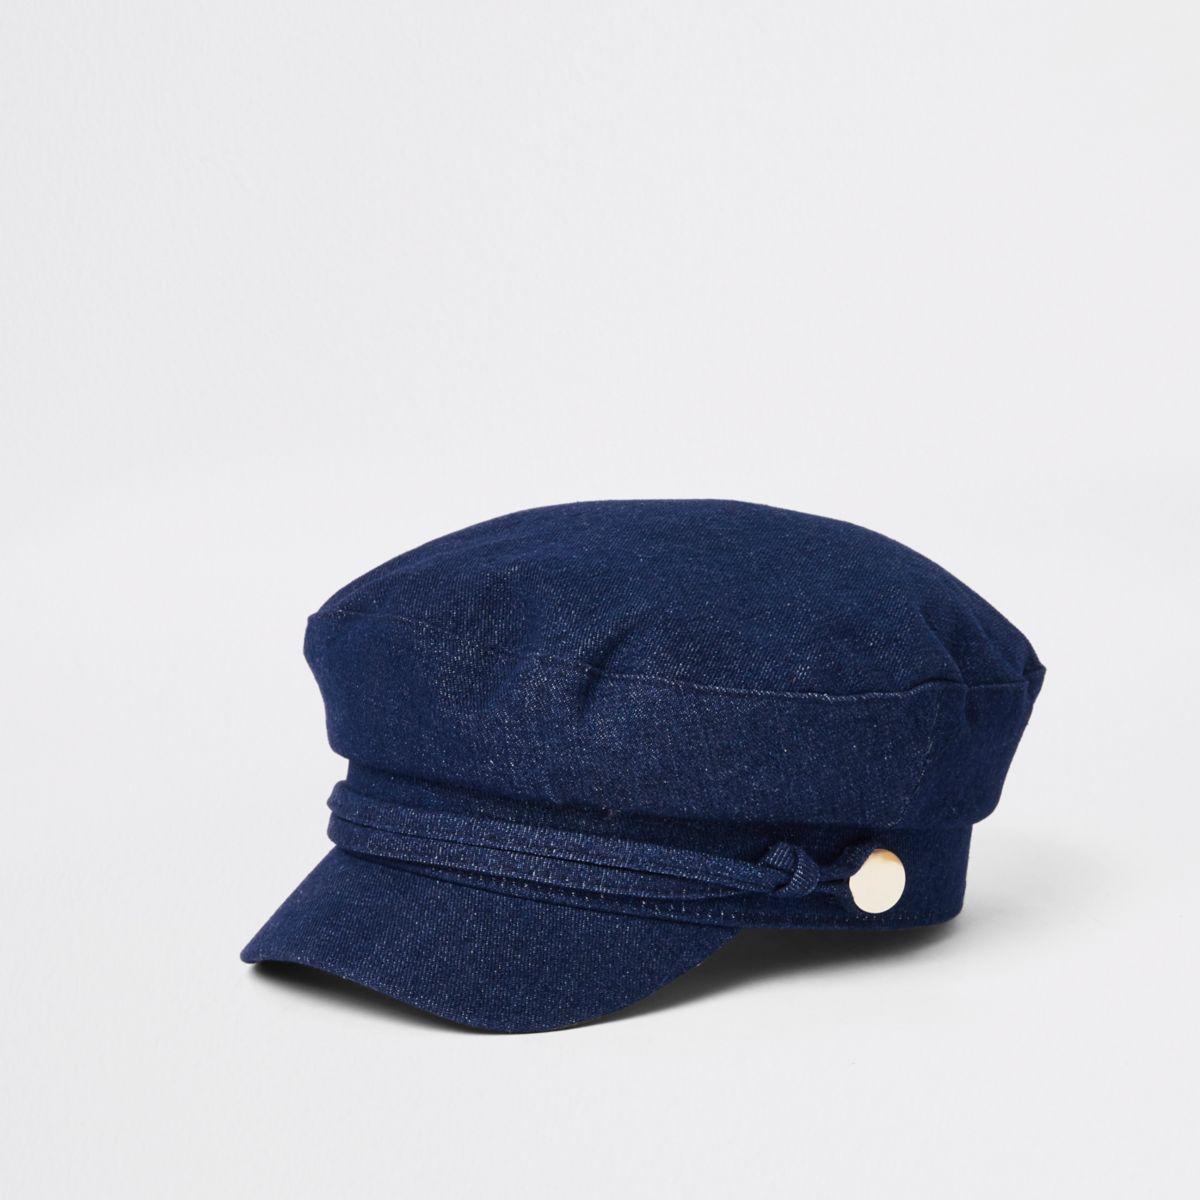 Dark blue denim baker boy hat